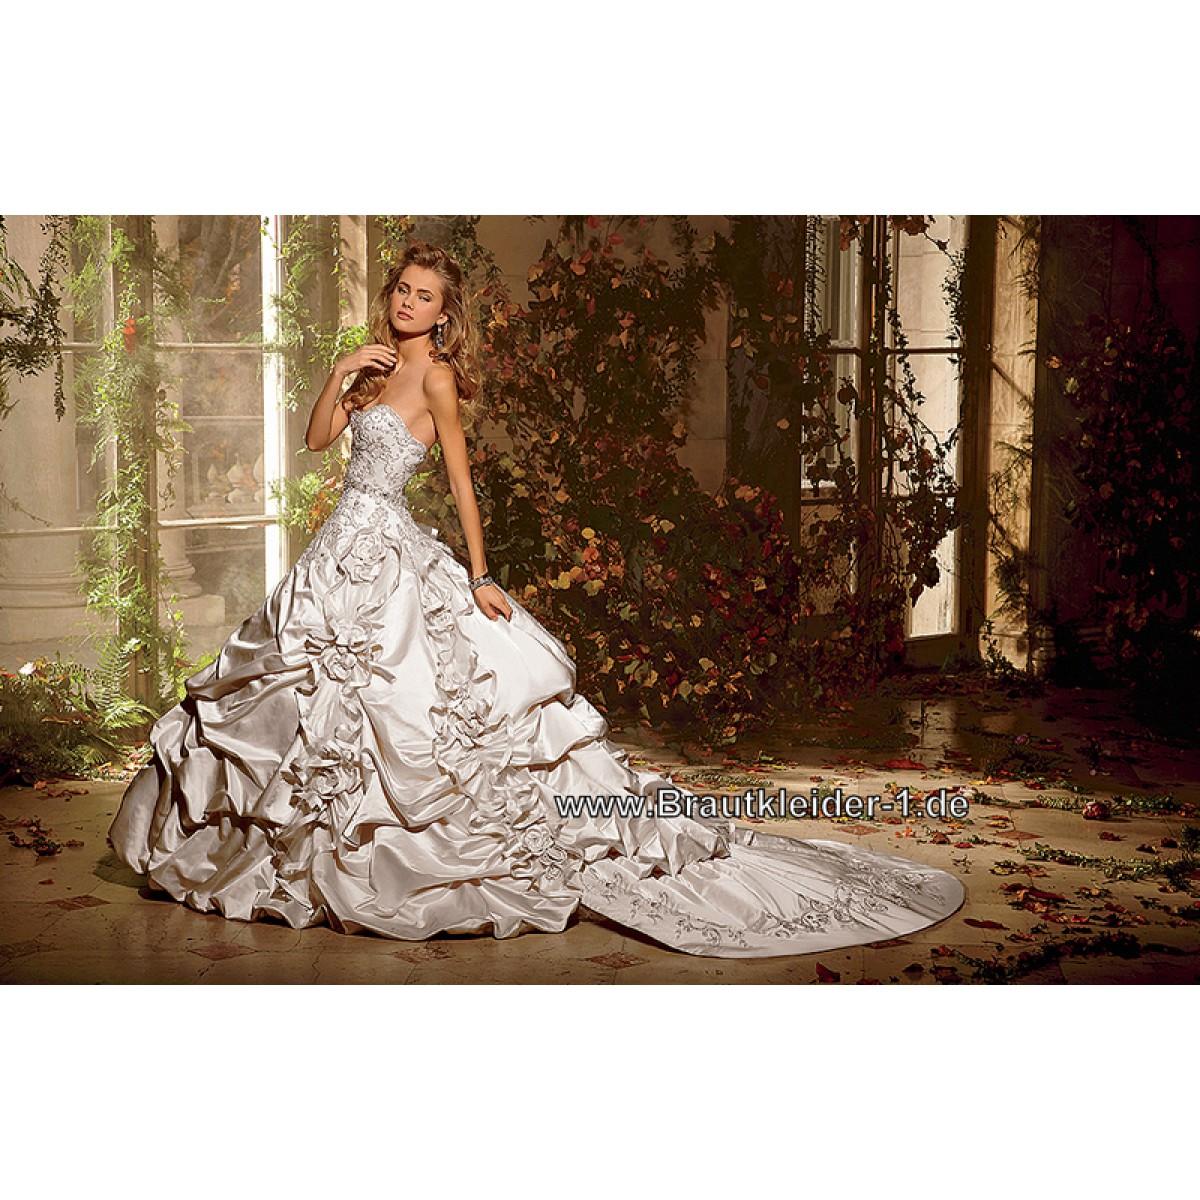 Brautkleid mit Schleppe auf Rechnung